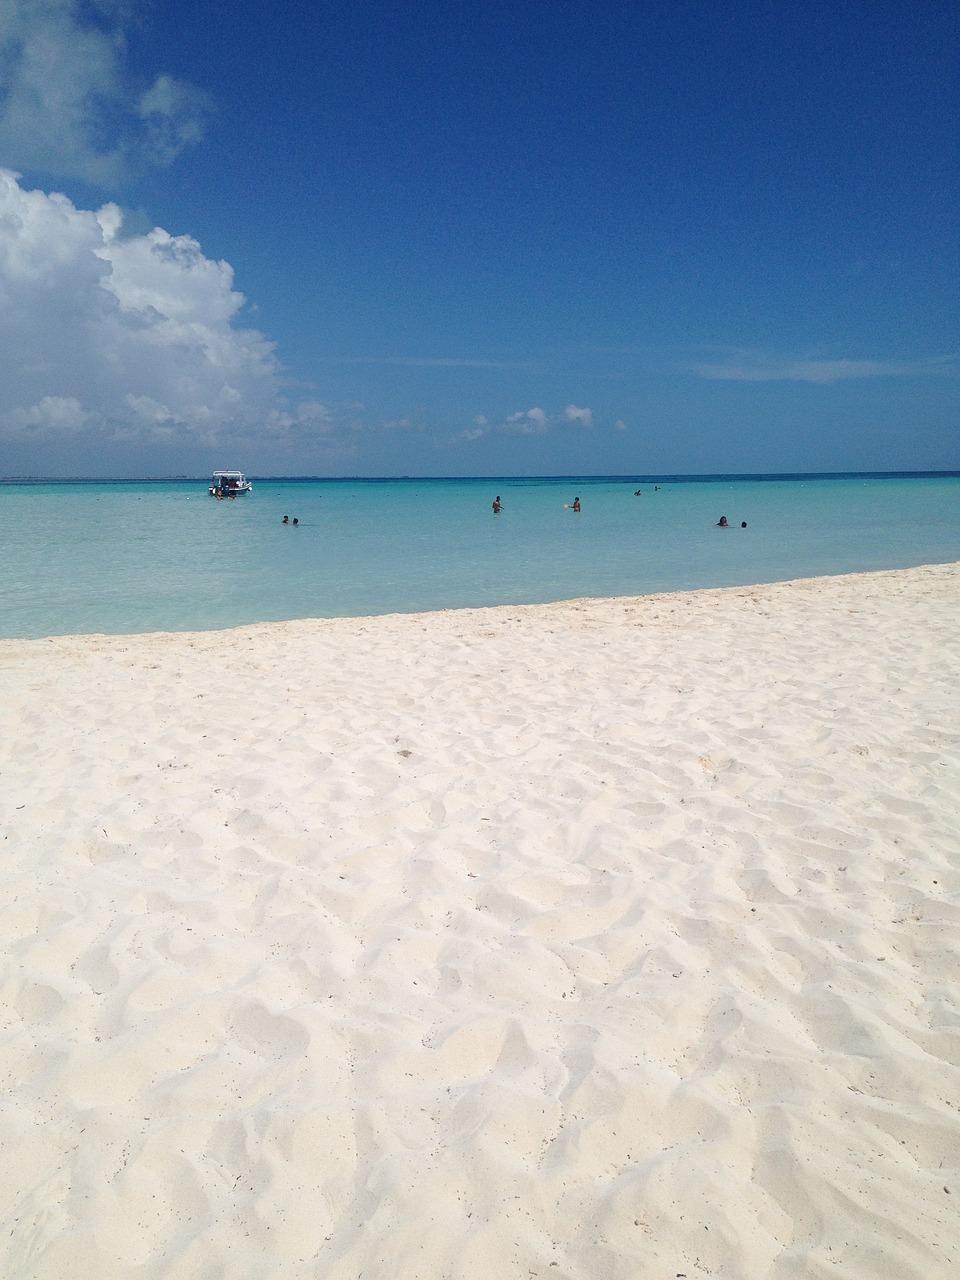 истинно реальные фото пляж весьма